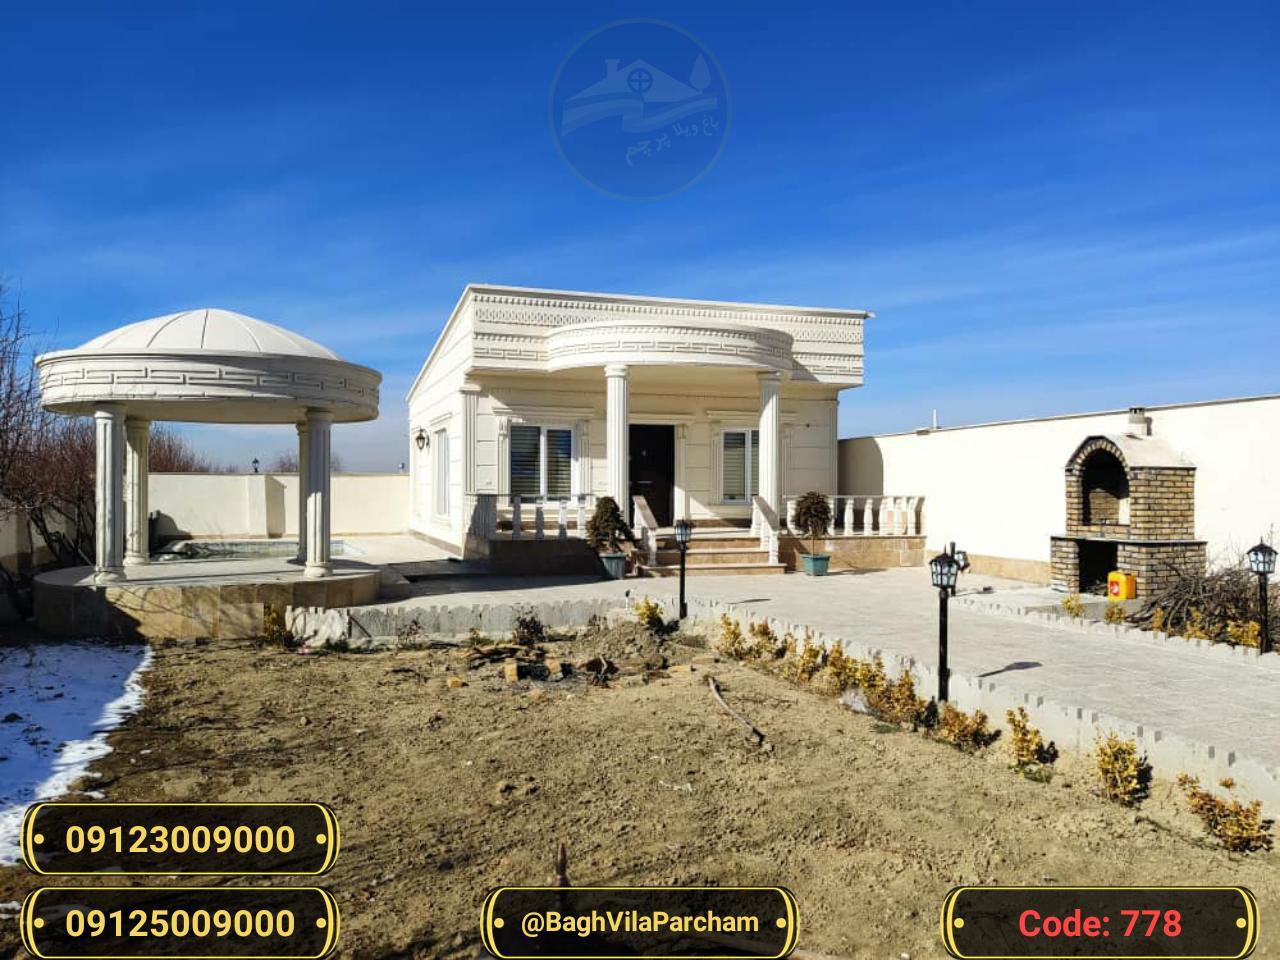 تصویر عکس باغ ویلا شماره 3 از ویلای ۵۰۰ متر ویلا کلاسیک Picture photo image 3 of ۵۰۰ متر ویلا کلاسیک